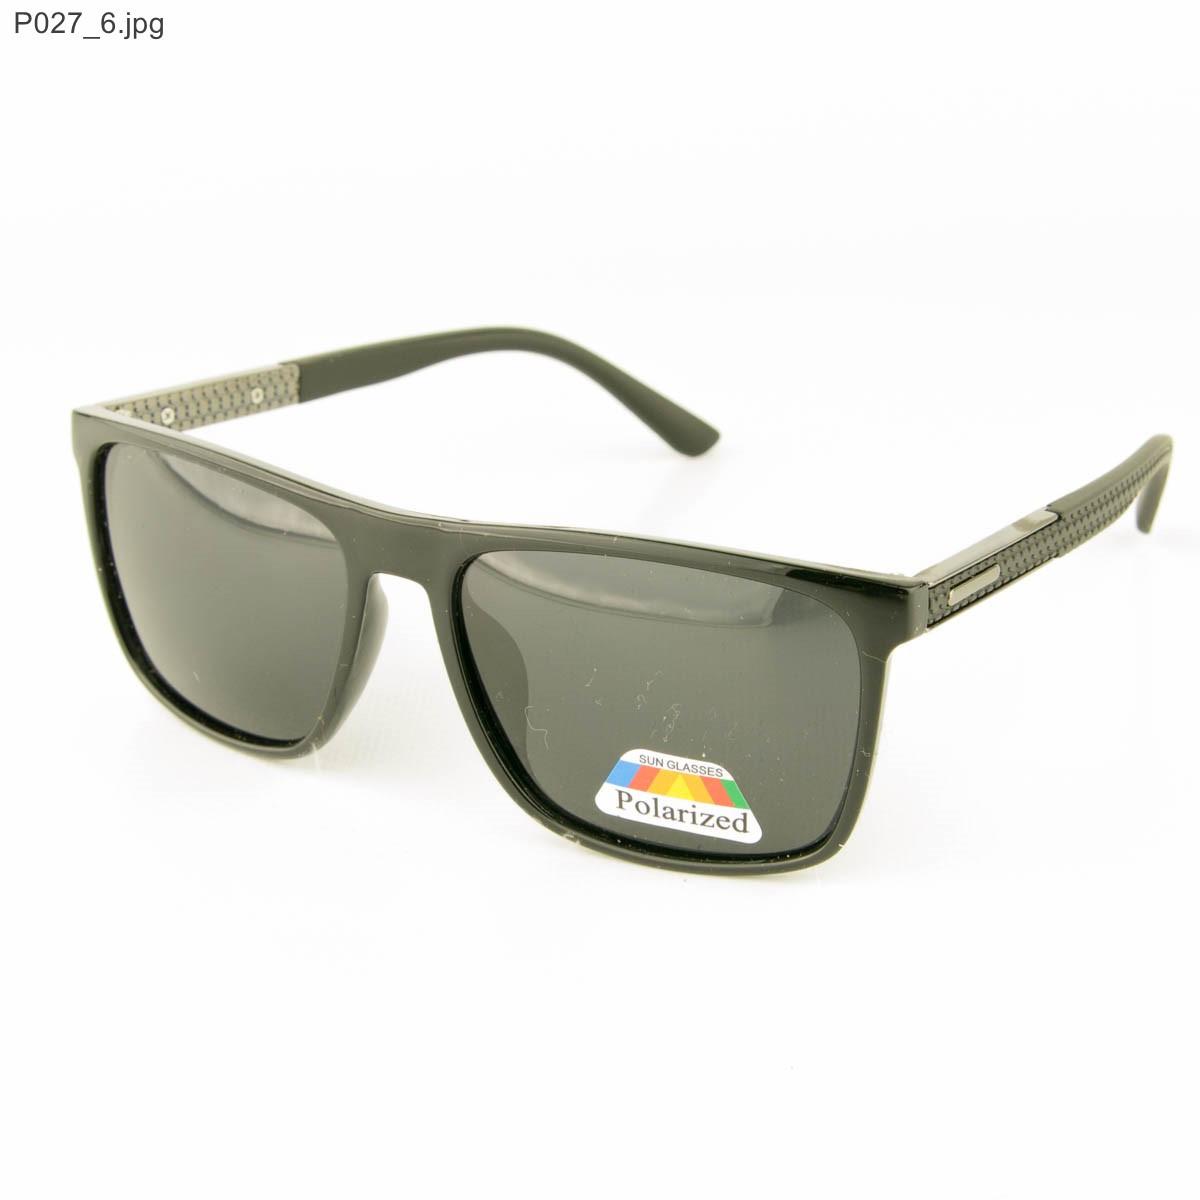 Мужские очки Polarized - Черные - P027